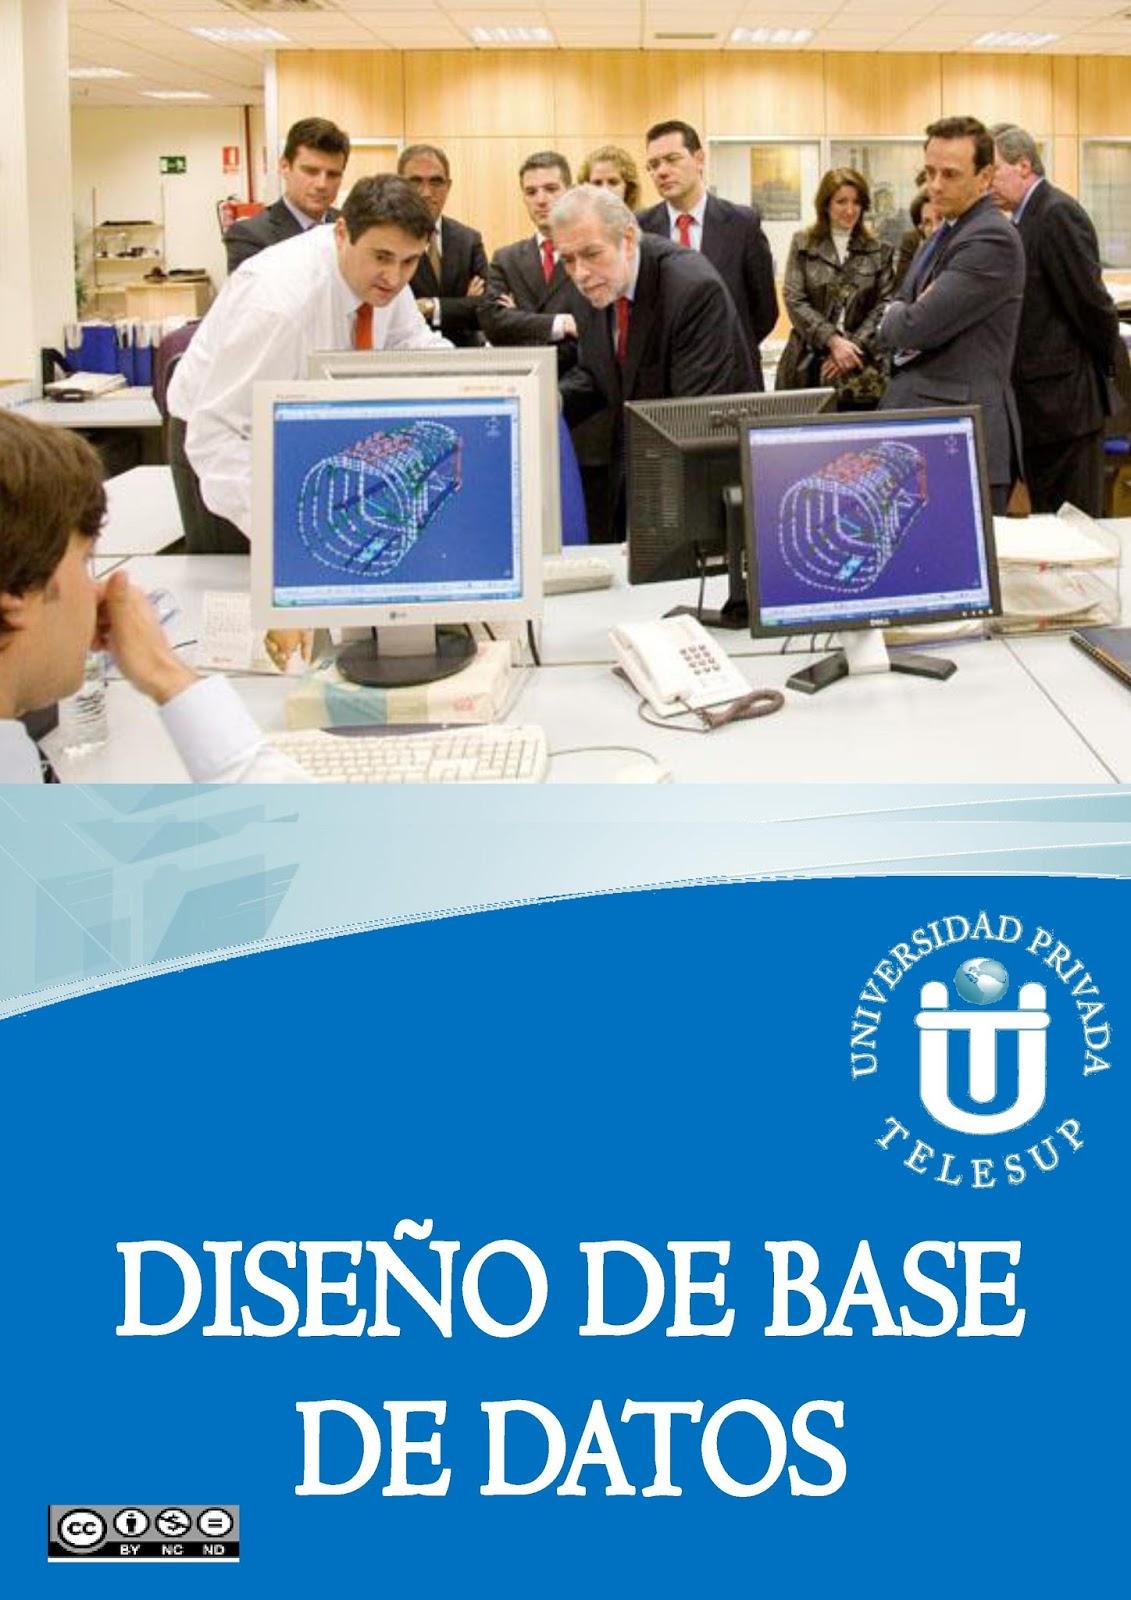 Diseño de base de datos – TELESUP